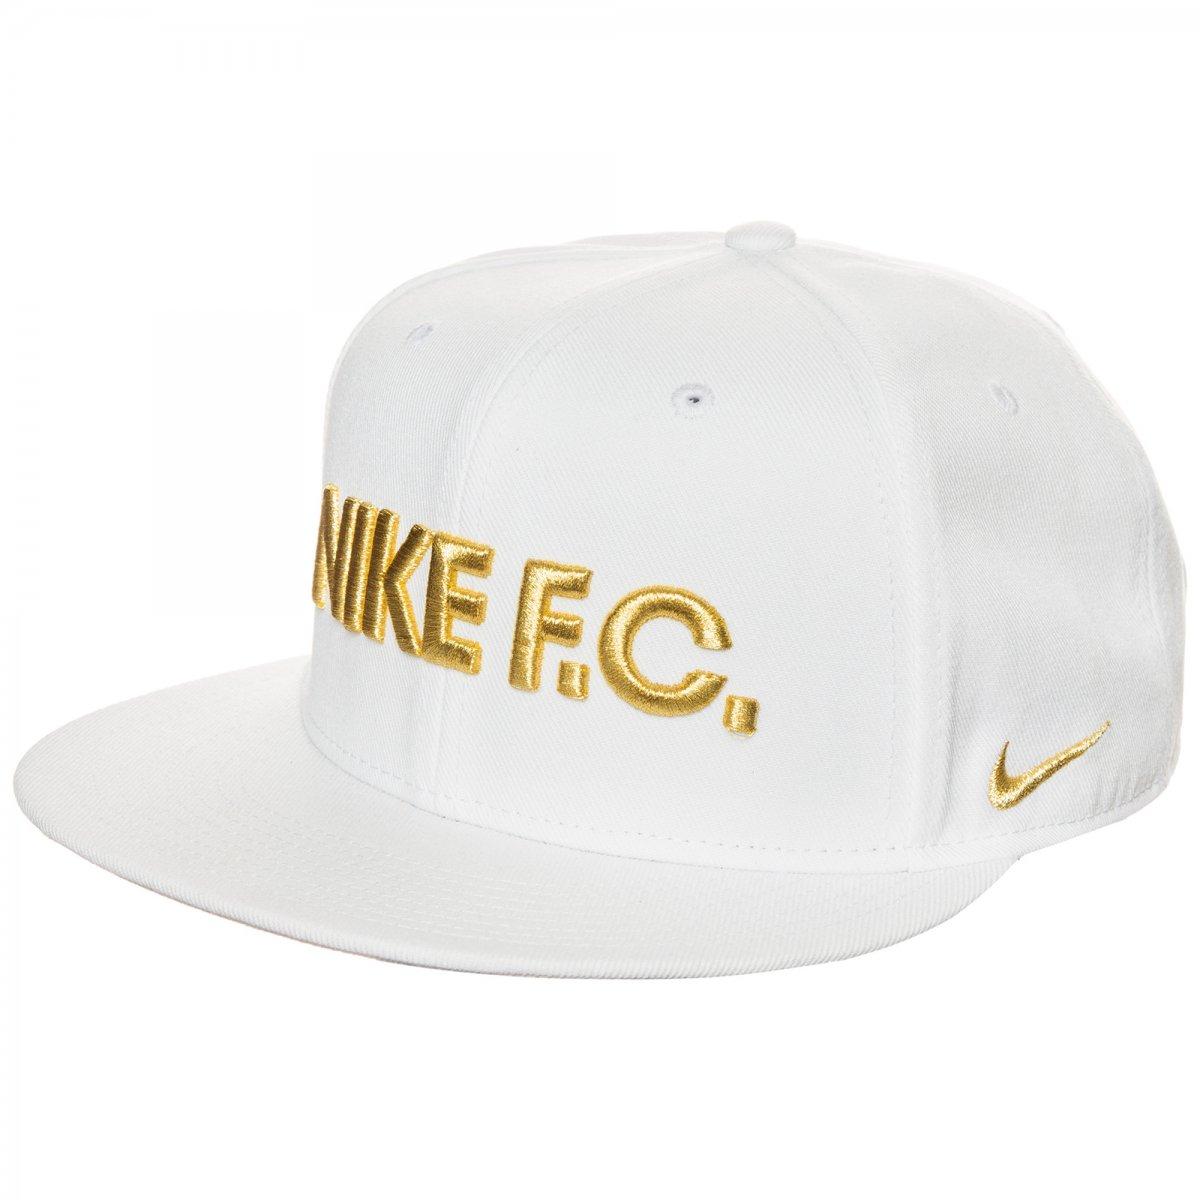 Boné Nike F.C True Snapback 728922-100 Branco Preto Dourado ed85b48bea6